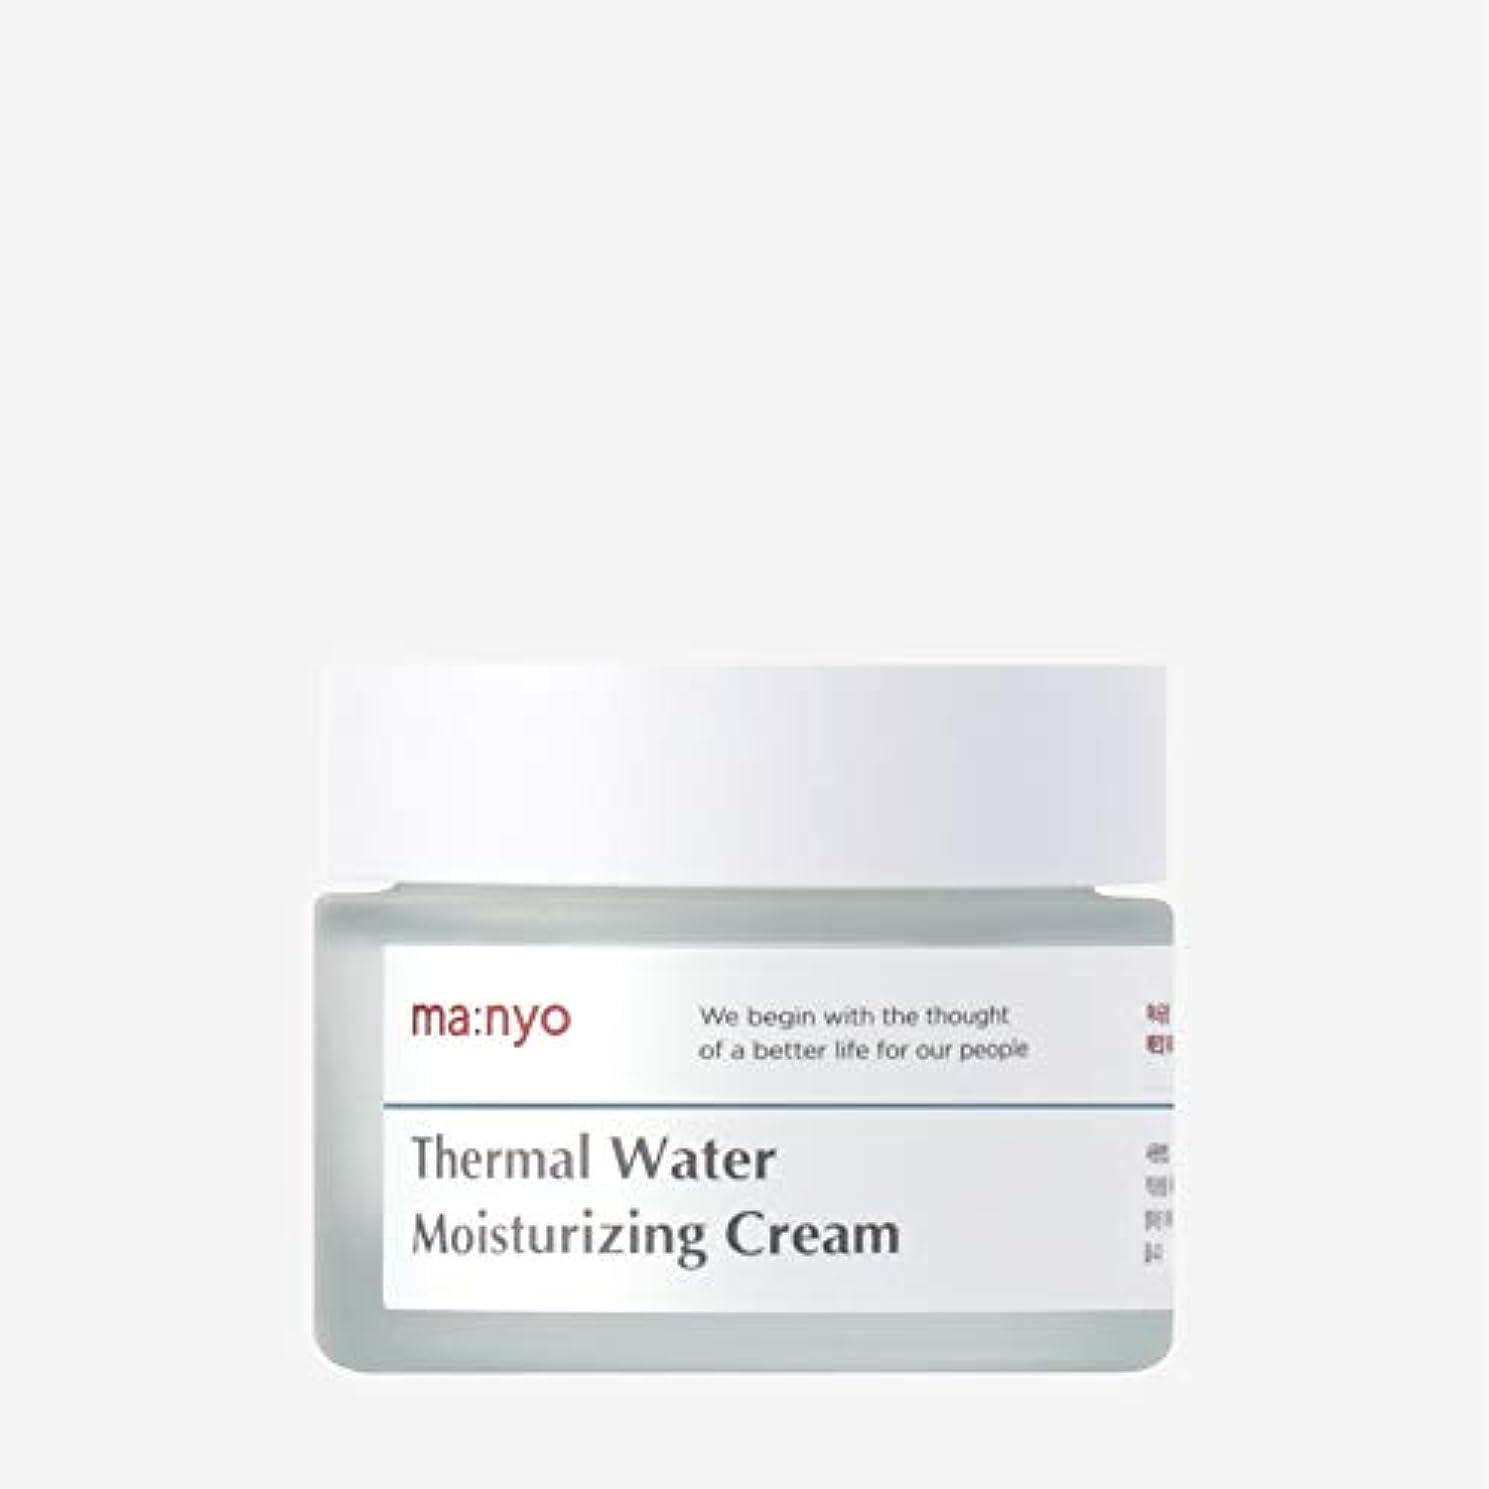 判定私たちのお茶魔女工場(Manyo Factory) 温泉水ミネラルクリーム 50ml / 天然ミネラル、チェコ温泉水67%で保湿補充